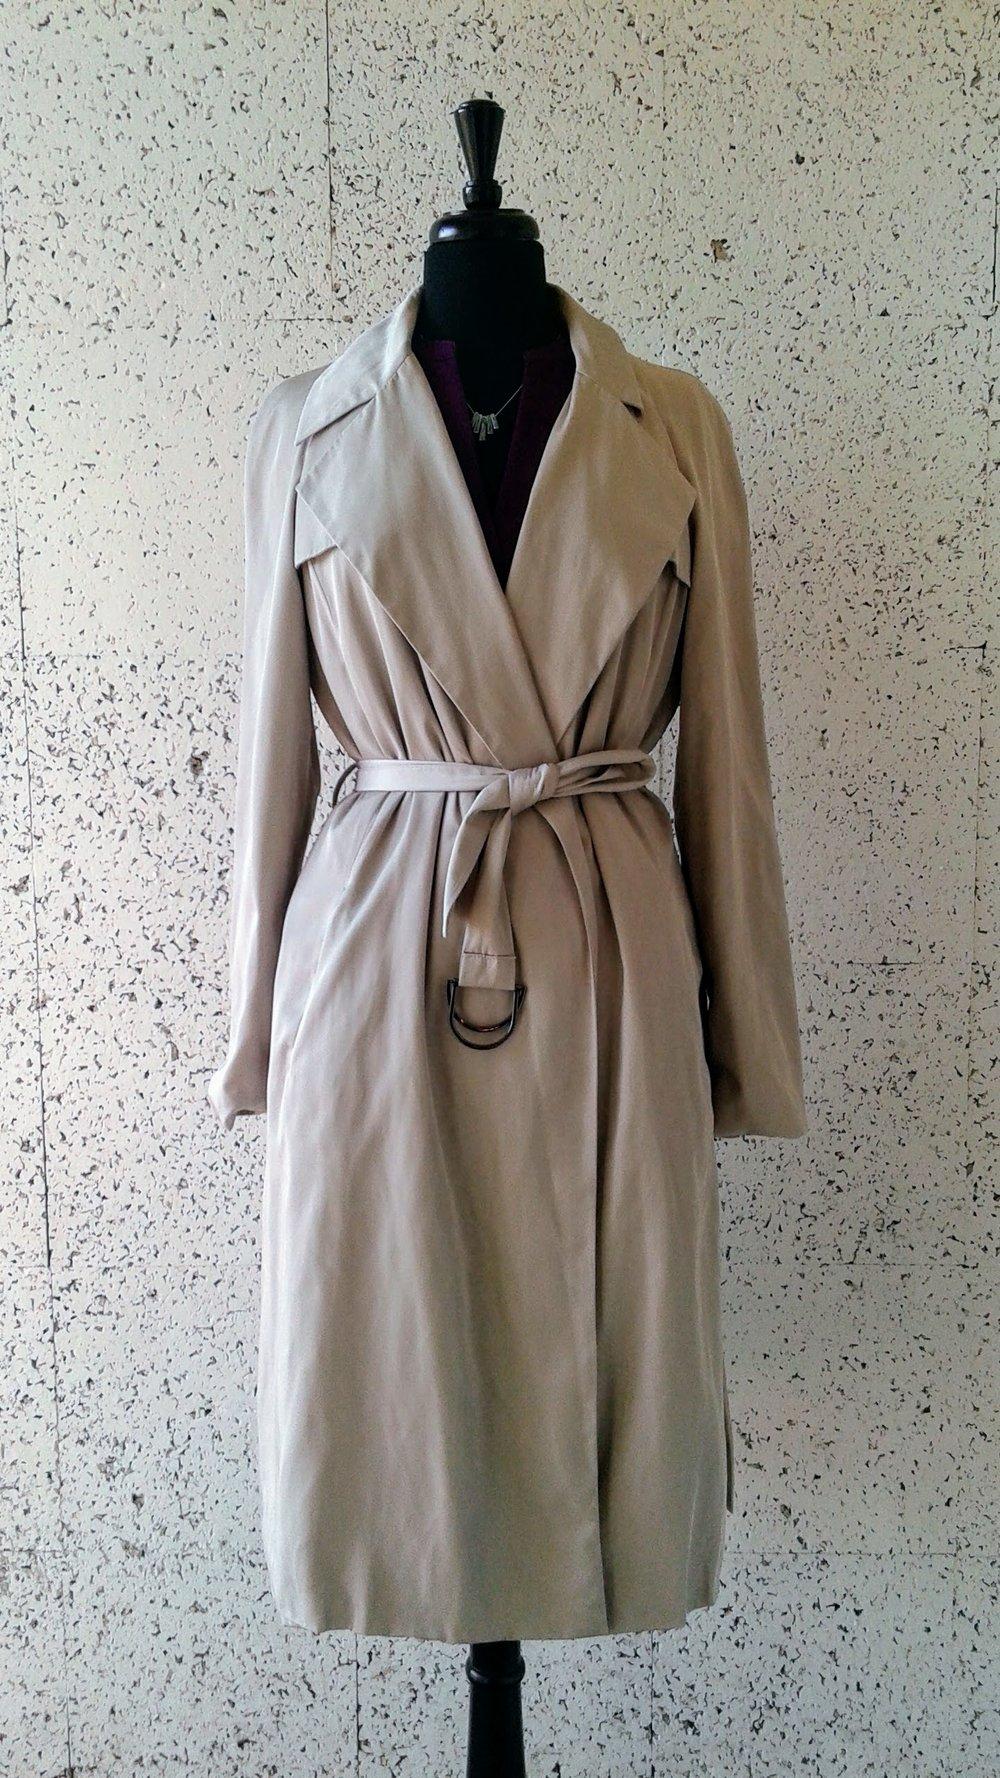 Zara coat; Size L, $42